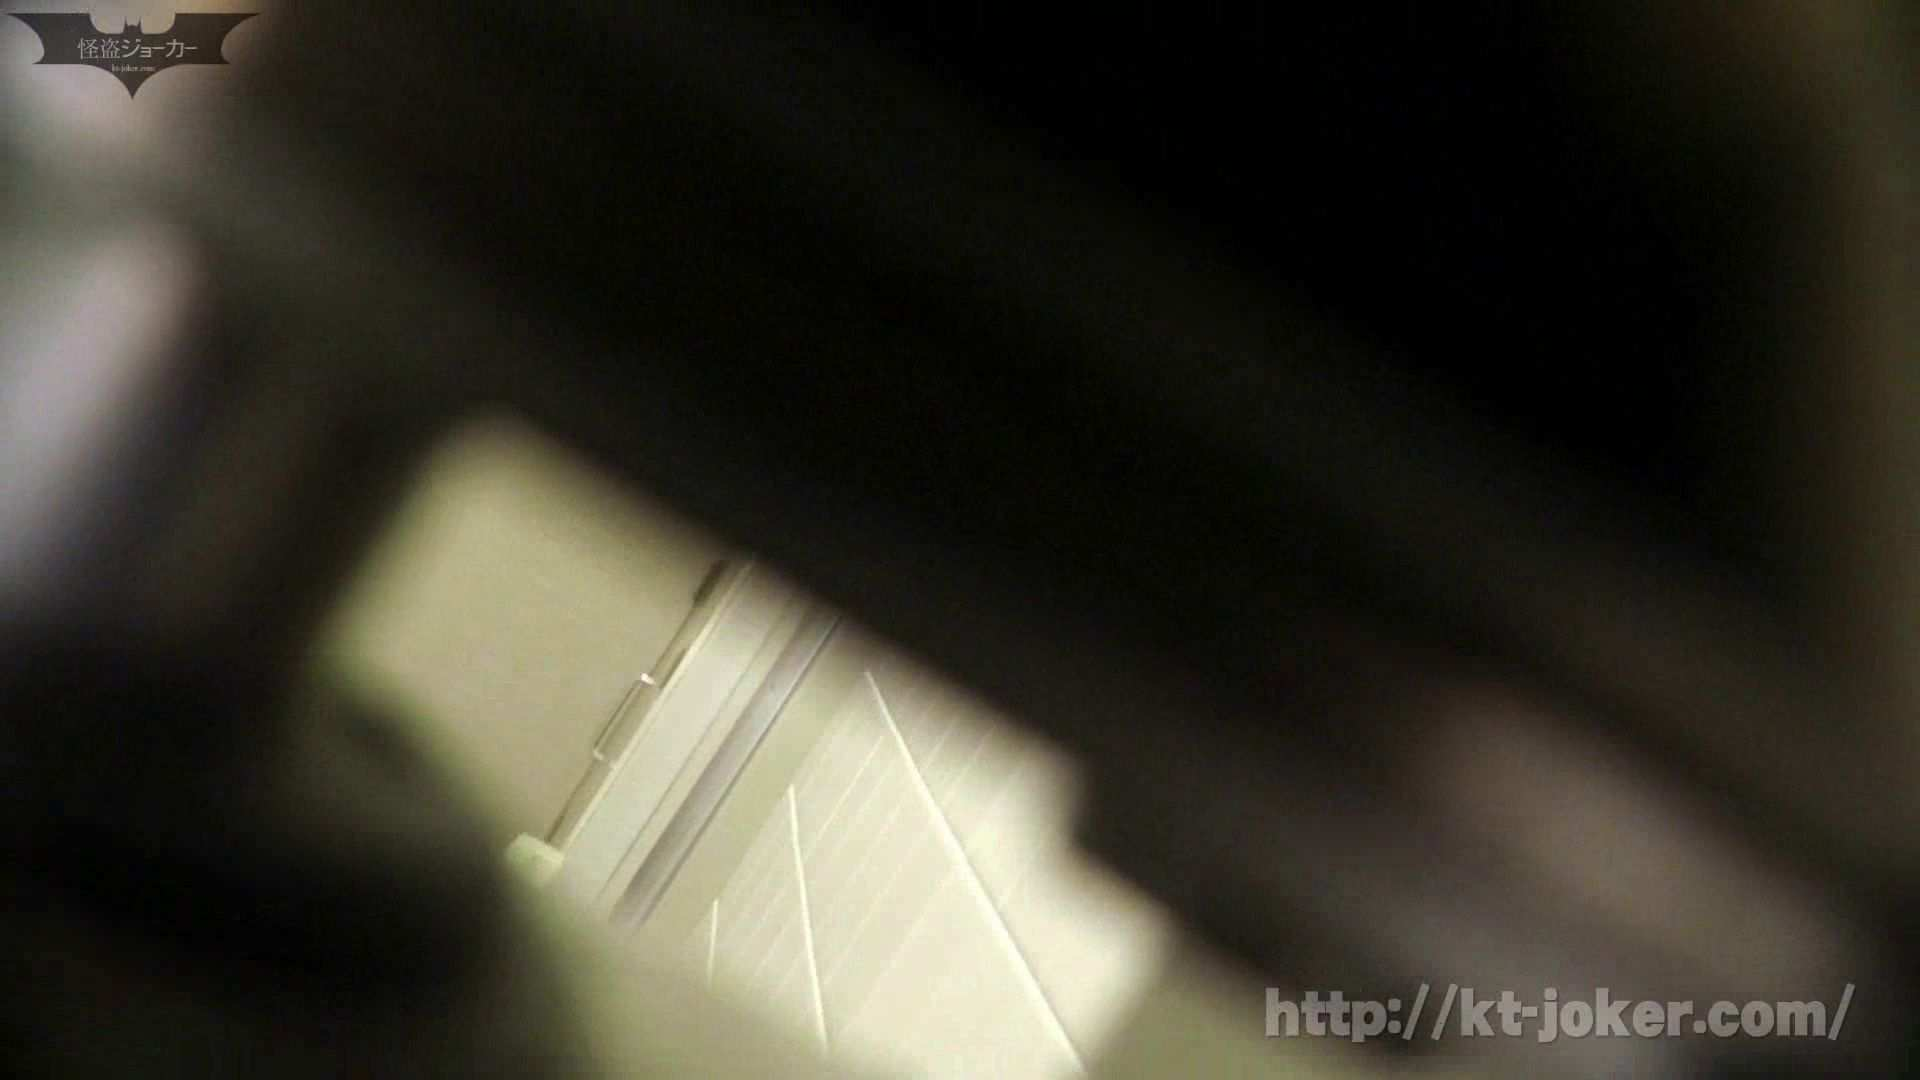 命がけ潜伏洗面所! vol.51 エロすぎる捻り? プライベート 盗撮ヌード画像 108画像 95